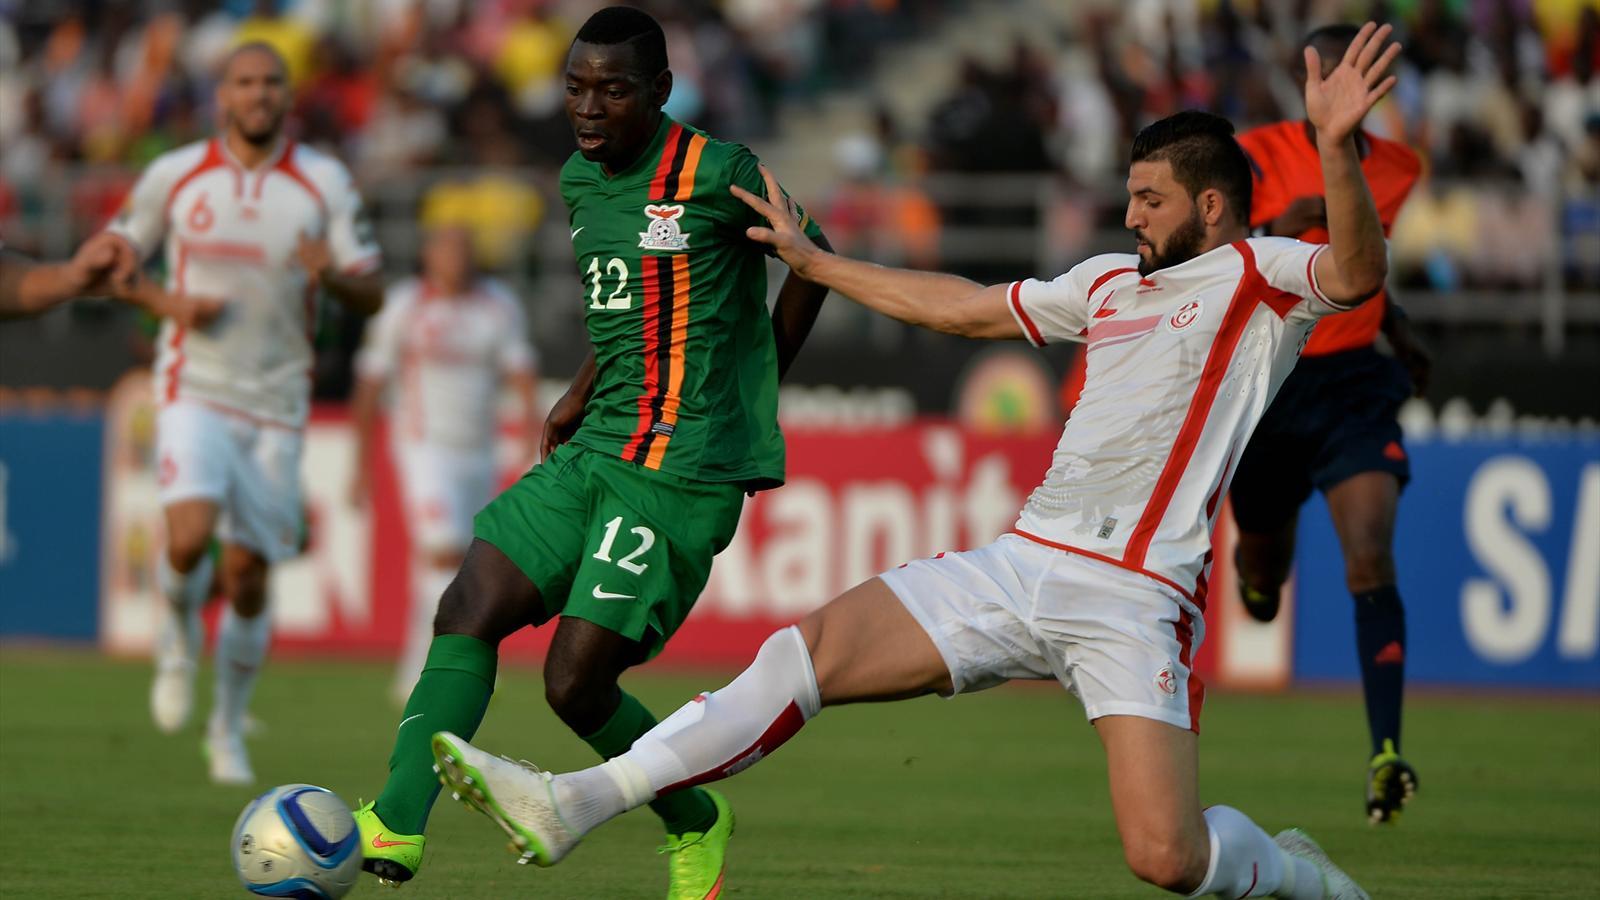 Live zambie tunisie phase de groupe coupe d 39 afrique - Coupe afrique des nations 2015 groupe ...